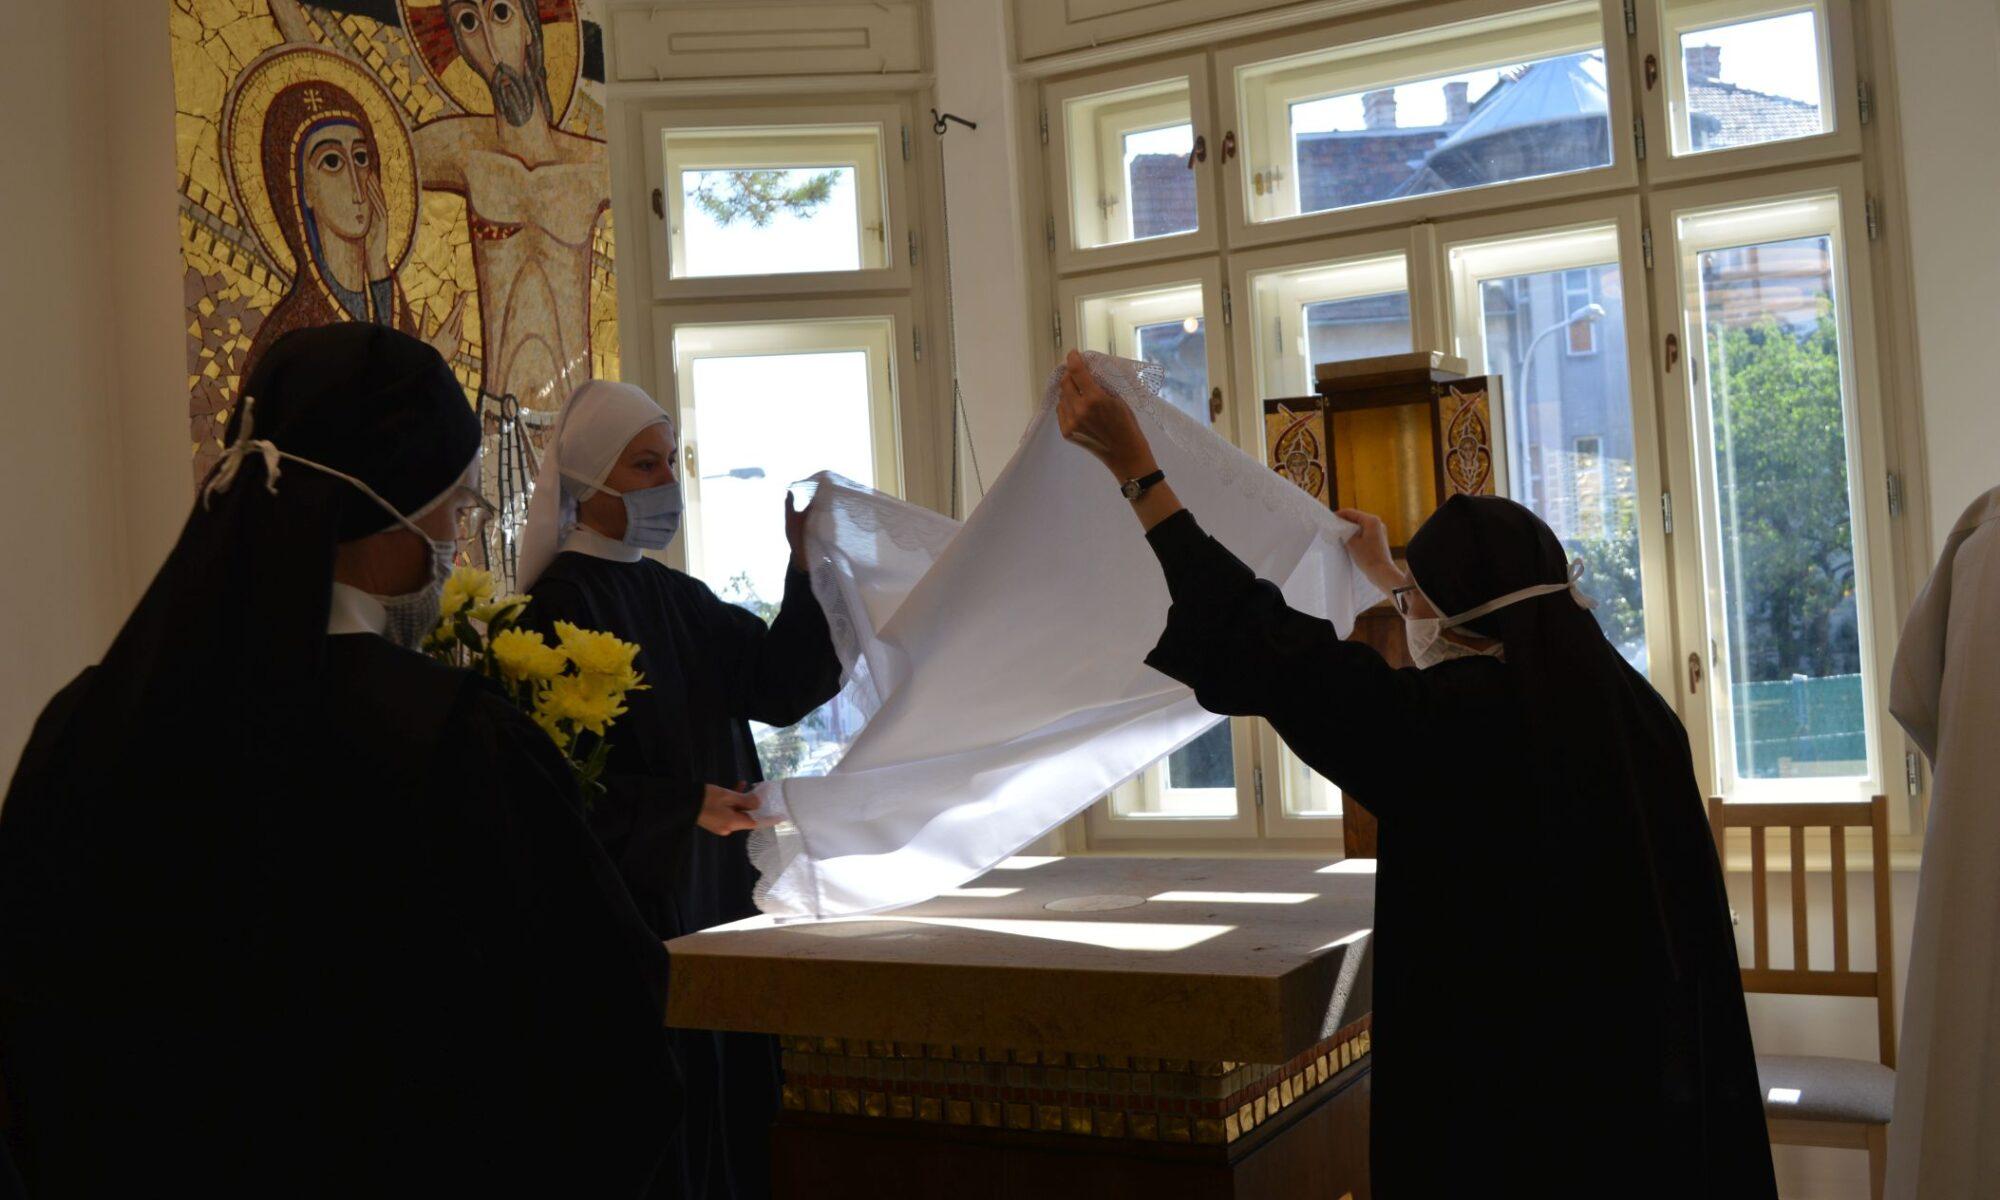 Položení liturgických rouch na oltář